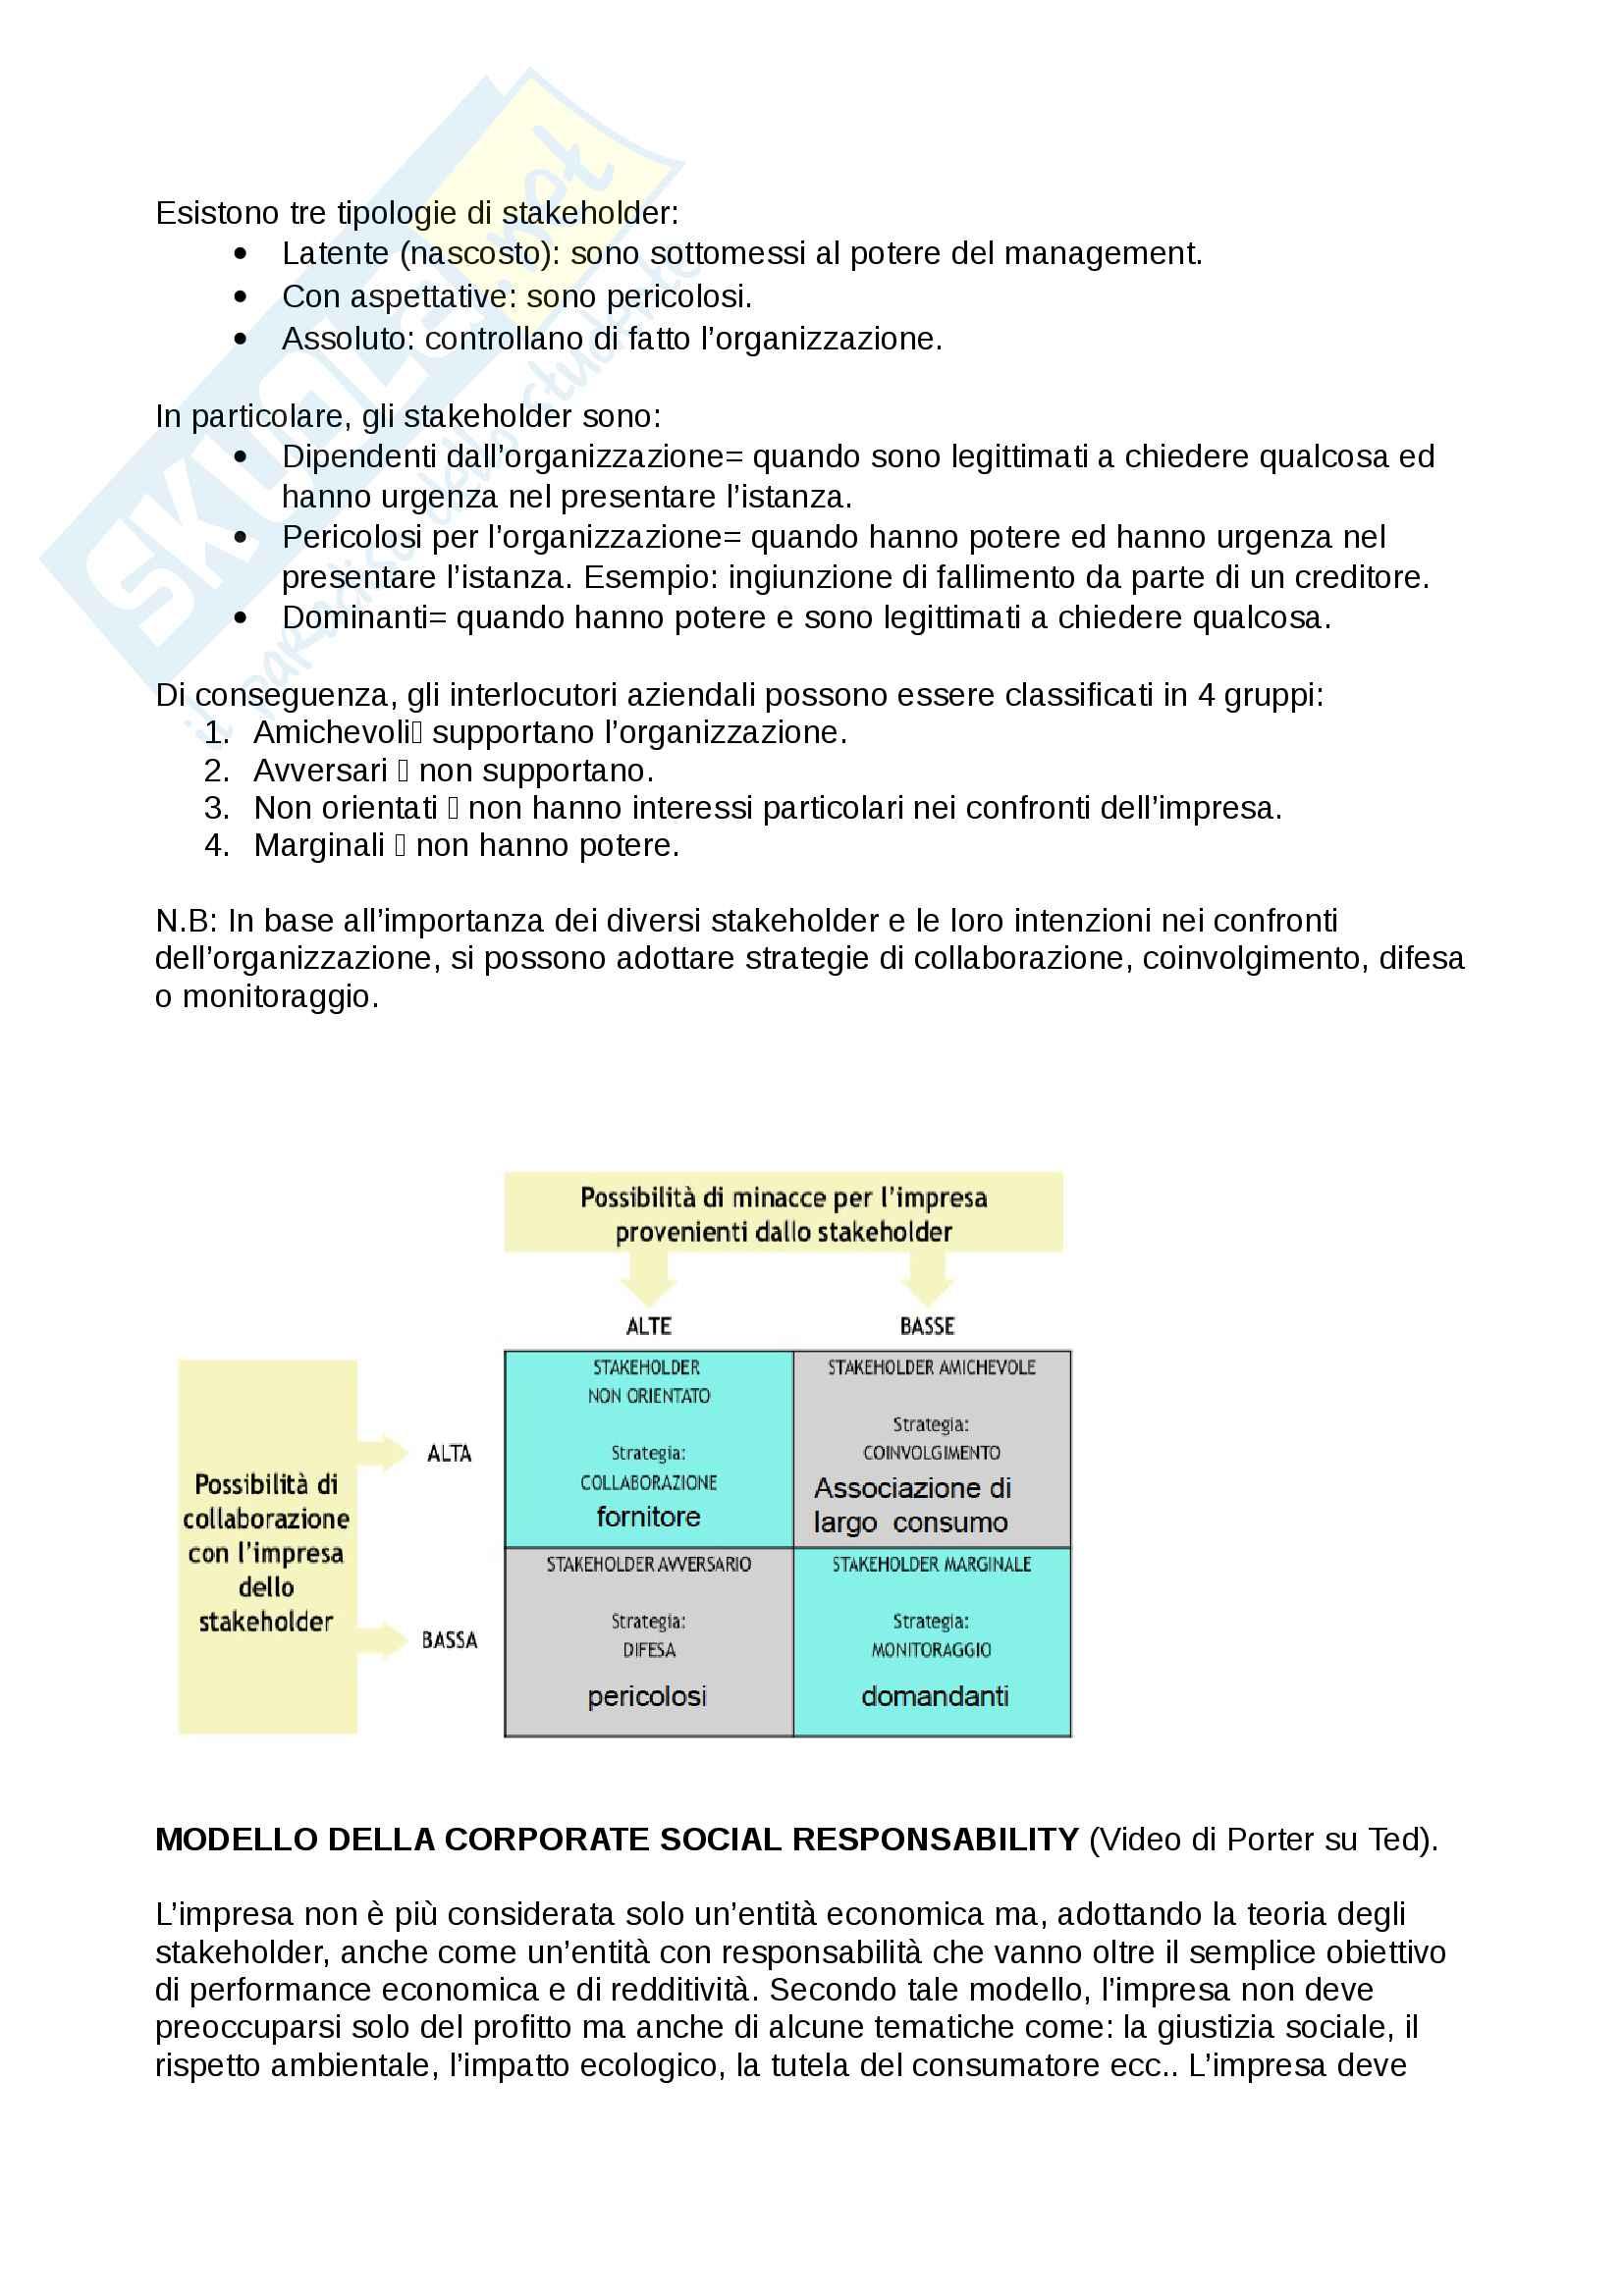 """Riassunto esame economia e gestione d'impresa (EGI), prof. Crespi, Serio e Baroncelli. Libri consigliati:""""Economia e gestione delle imprese"""" e """"Operations Management"""" Pag. 6"""